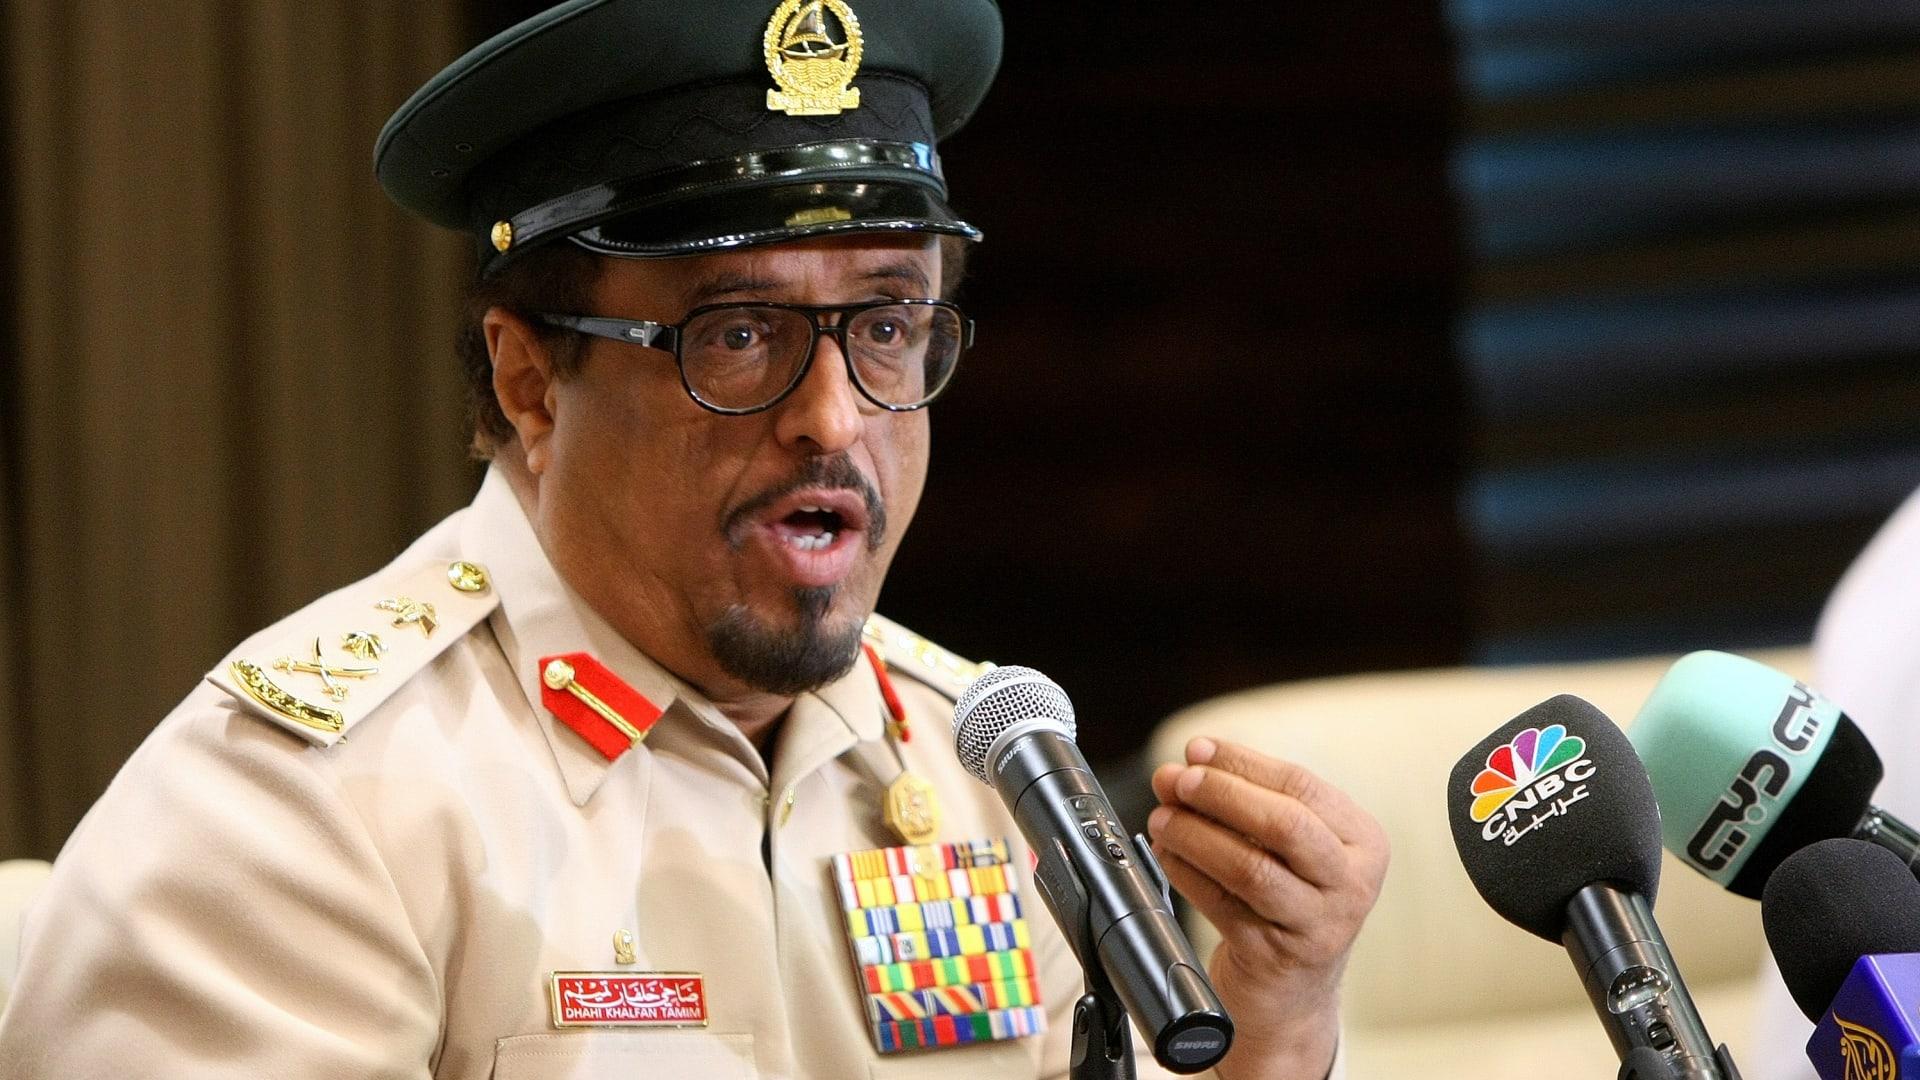 وزير خارجية قطر لـCNN: نبذل قصارى مع طالبان ولا يمكننا التنبؤ برد فعلهم